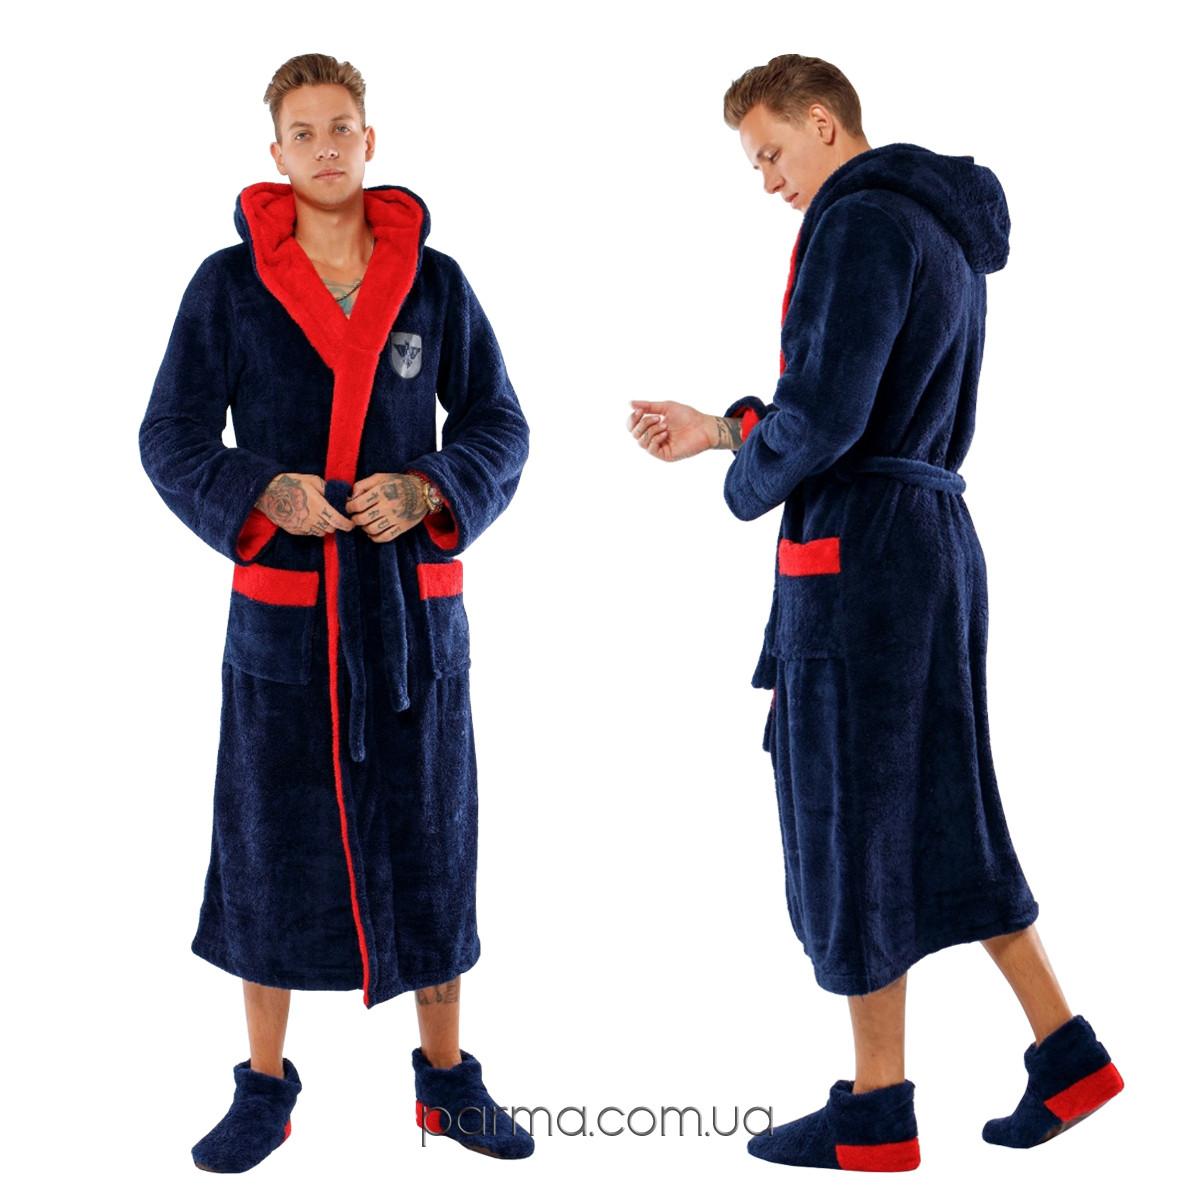 f275429949149 Теплый мужской махровый халат с капюшоном р.48-54 - Интернет магазин PARMA в